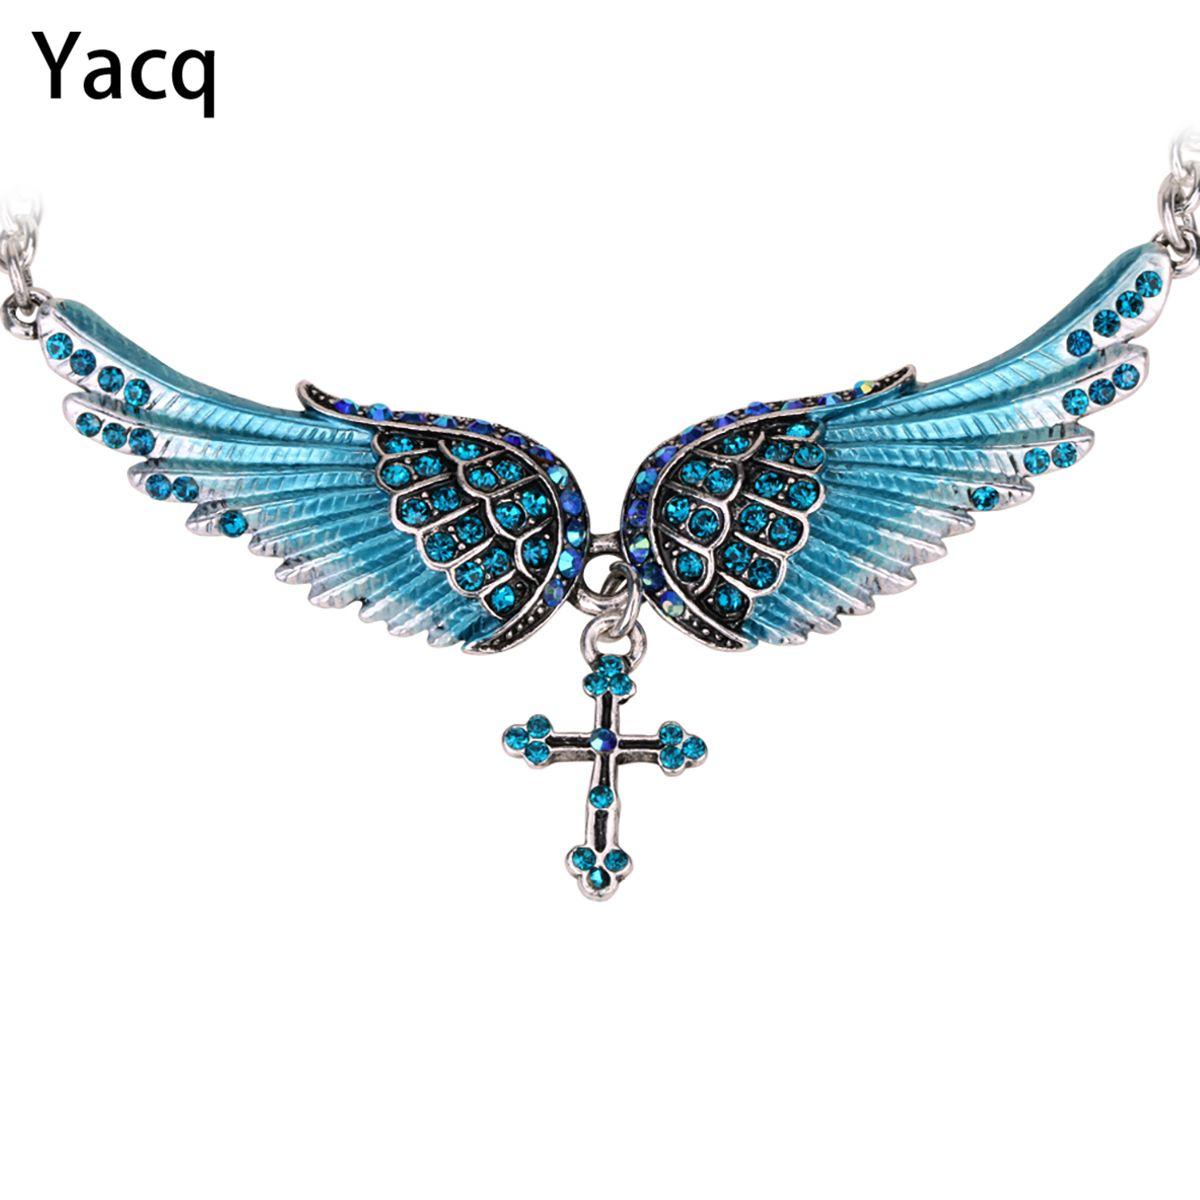 YACQ ange aile croix collier ras du cou gardien femmes Biker cristal bijoux cadeaux sa fille couleur argent NC01 livraison directe (18 + 2)